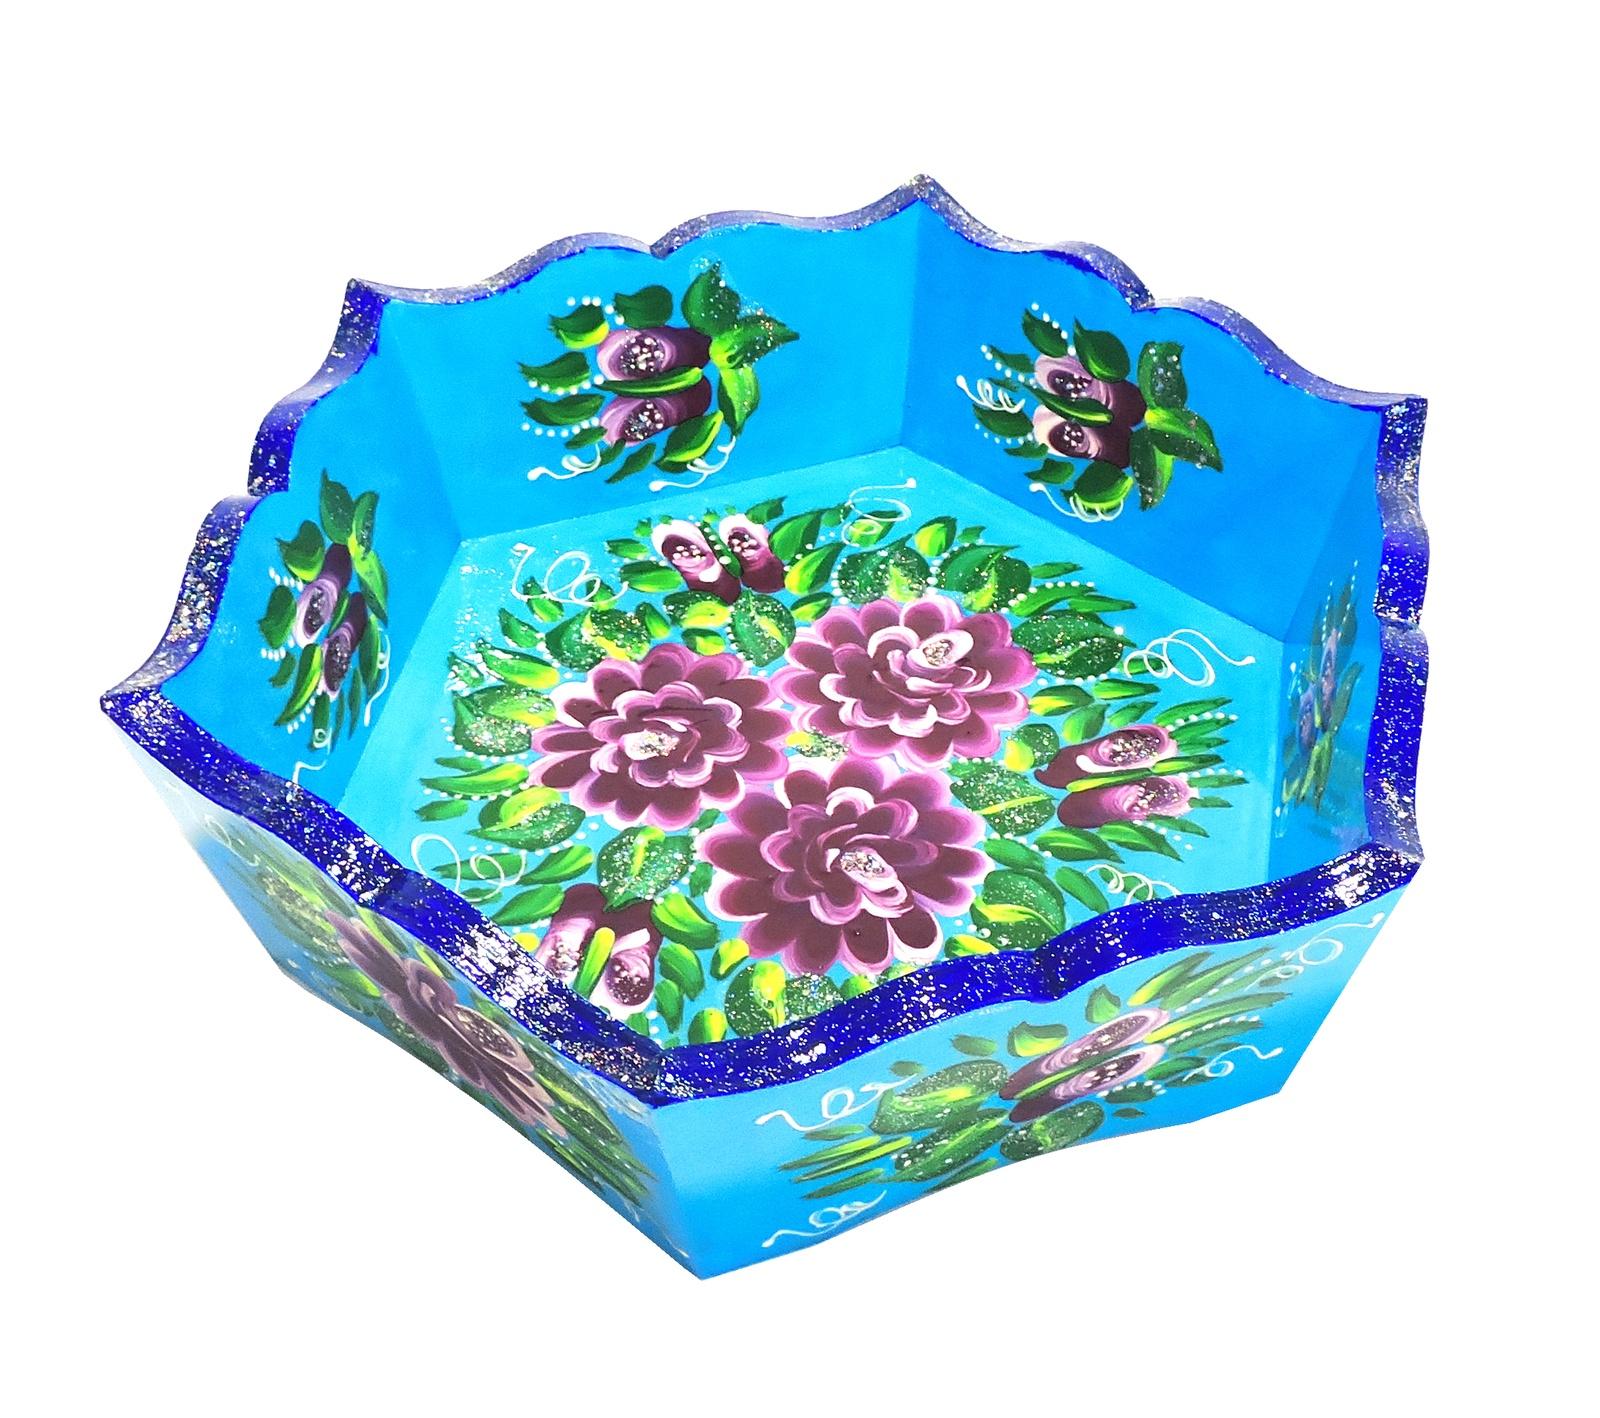 Конфетница Taowa Голубая расписная, голубой